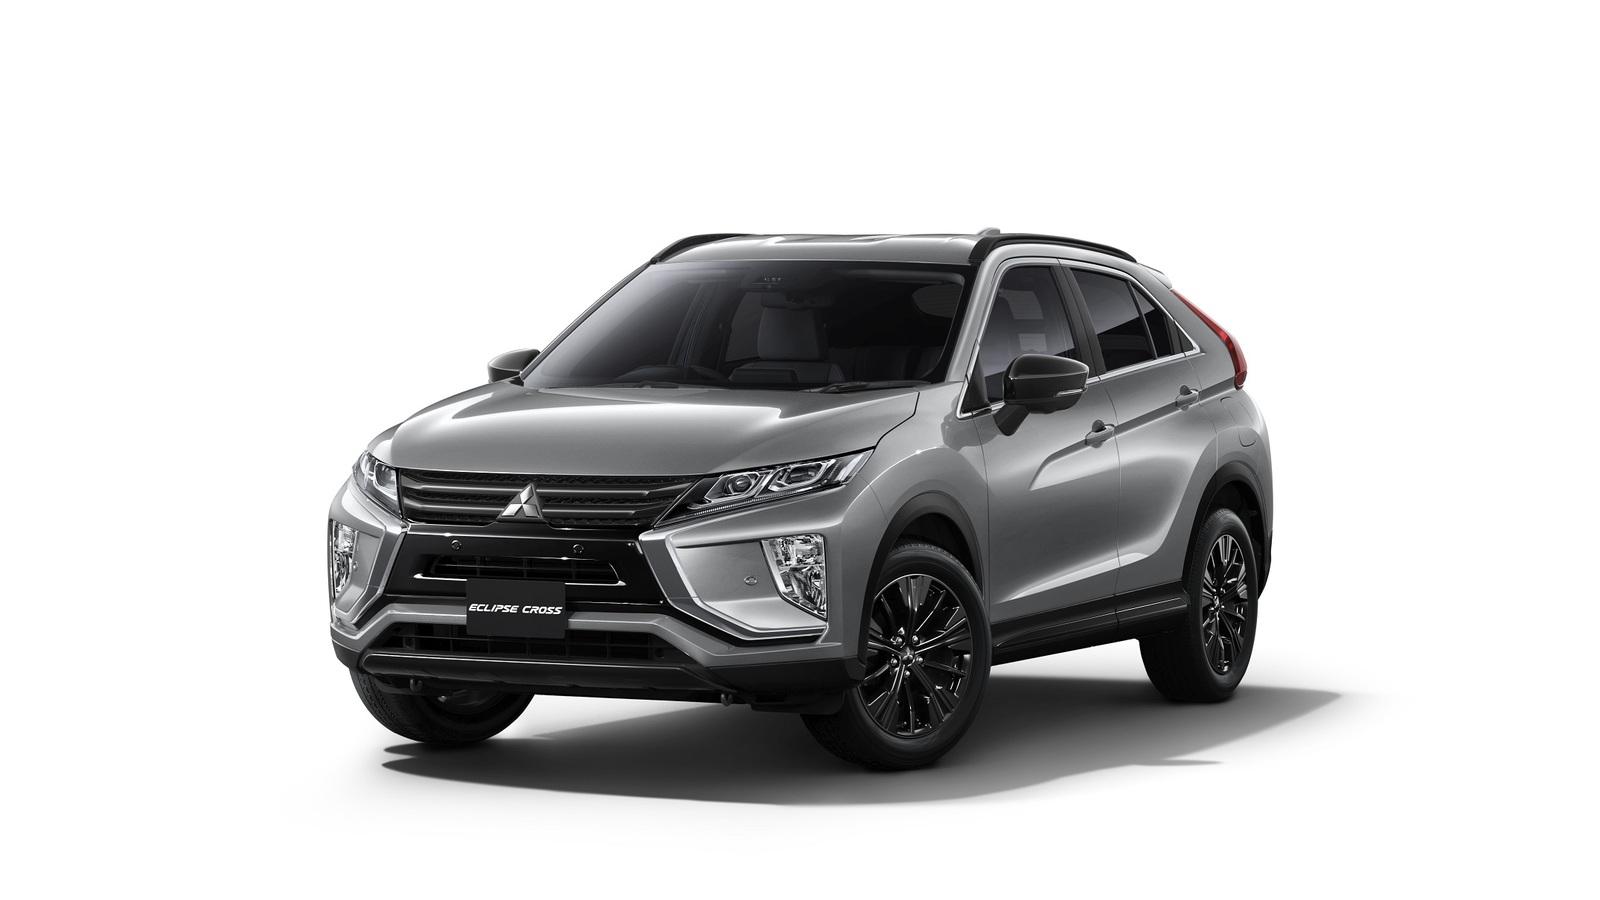 У Mitsubishi Eclipse Cross появится «черная» версия в России